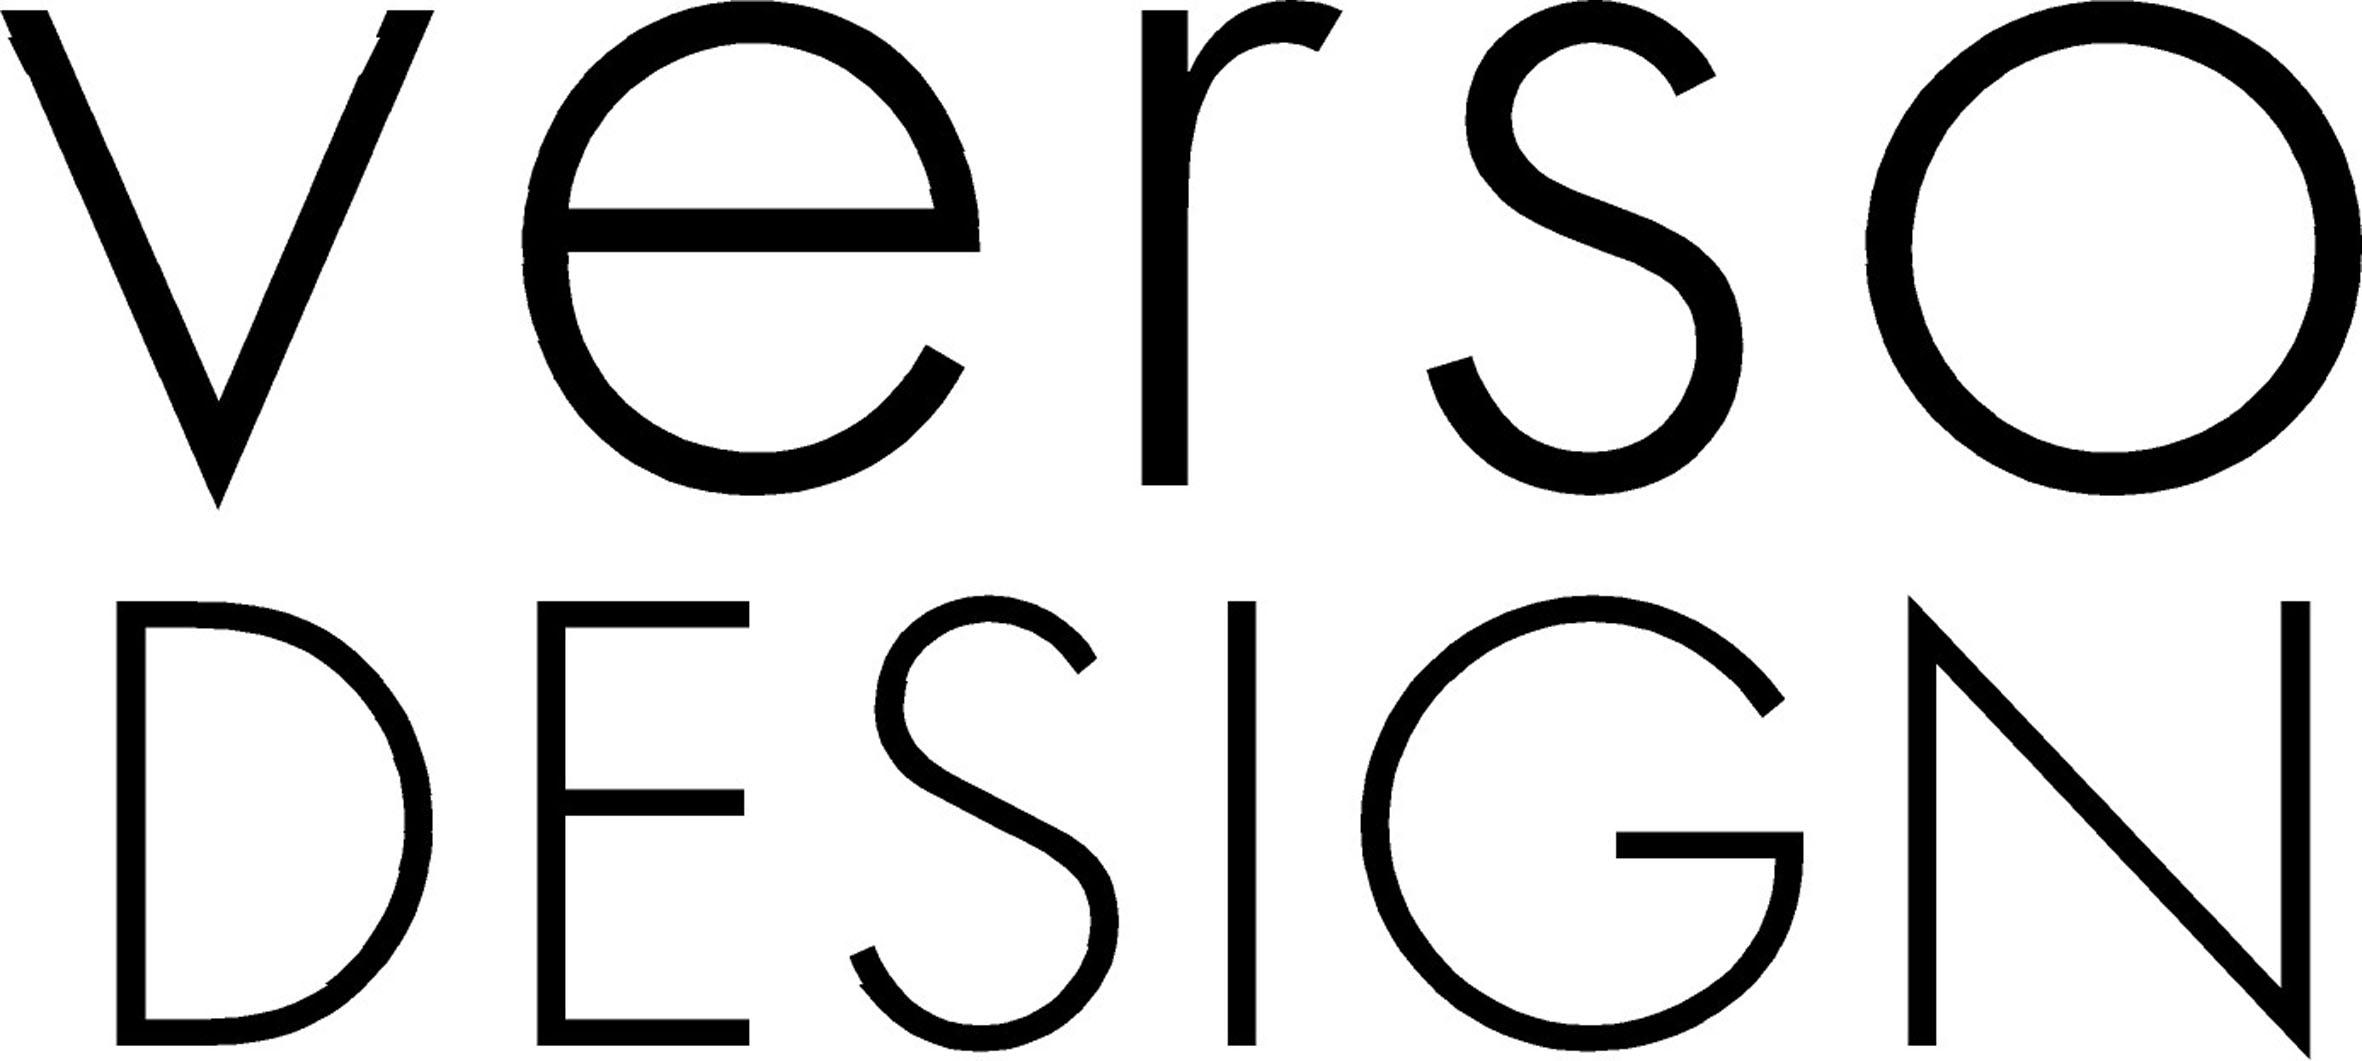 1verso_logo